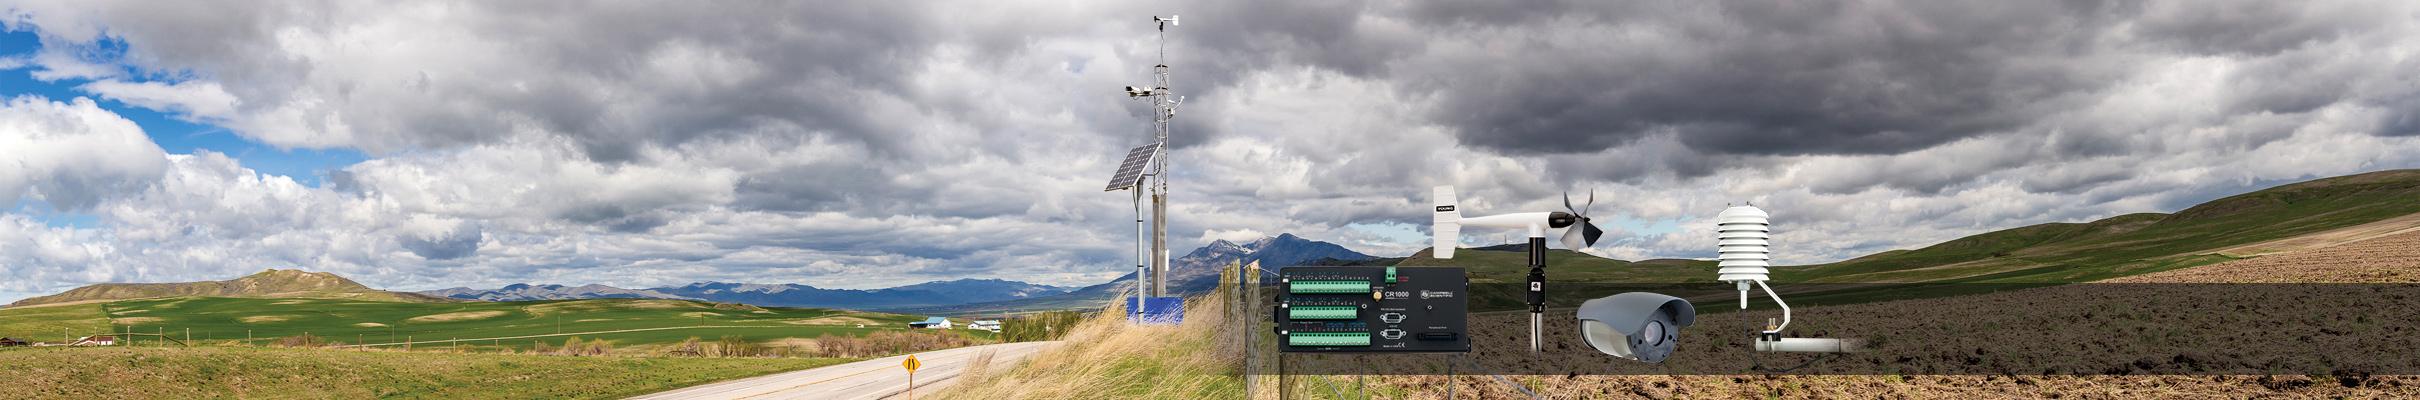 Météorologie Les stations météorologiques et les systèmes de surveillance de long terme